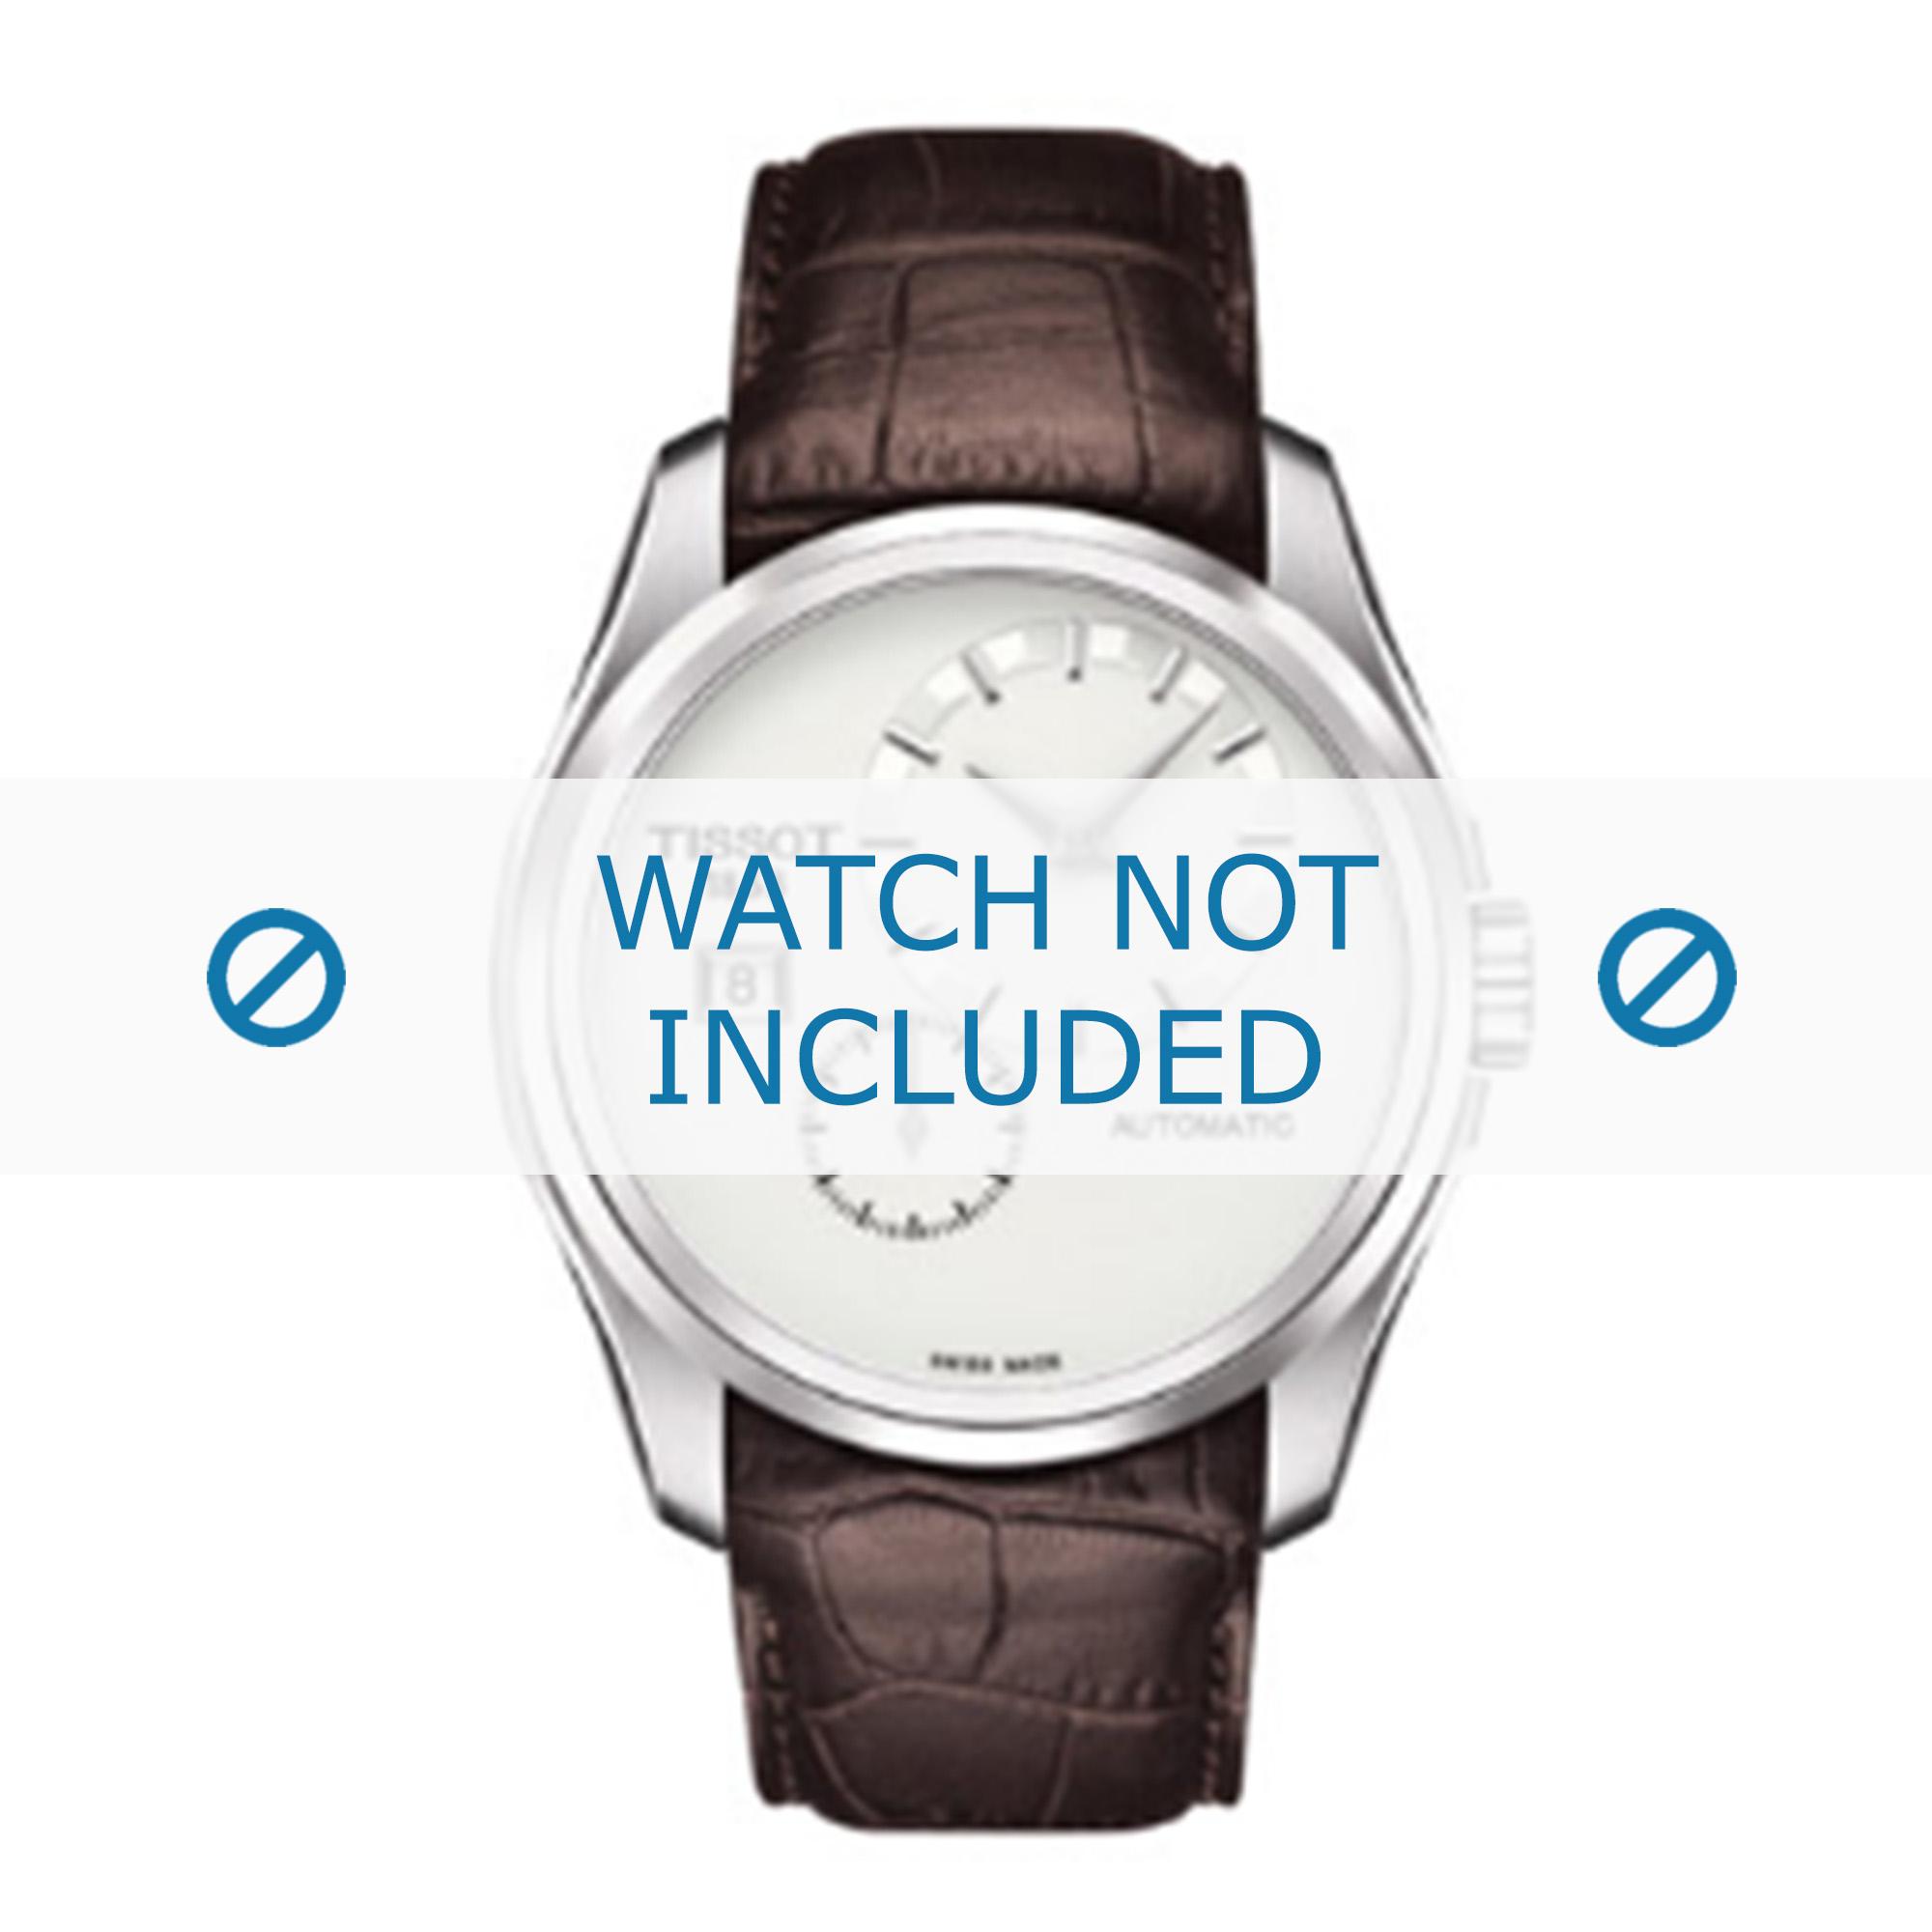 Tissot horlogeband T610028596 Leder Bruin 22mm